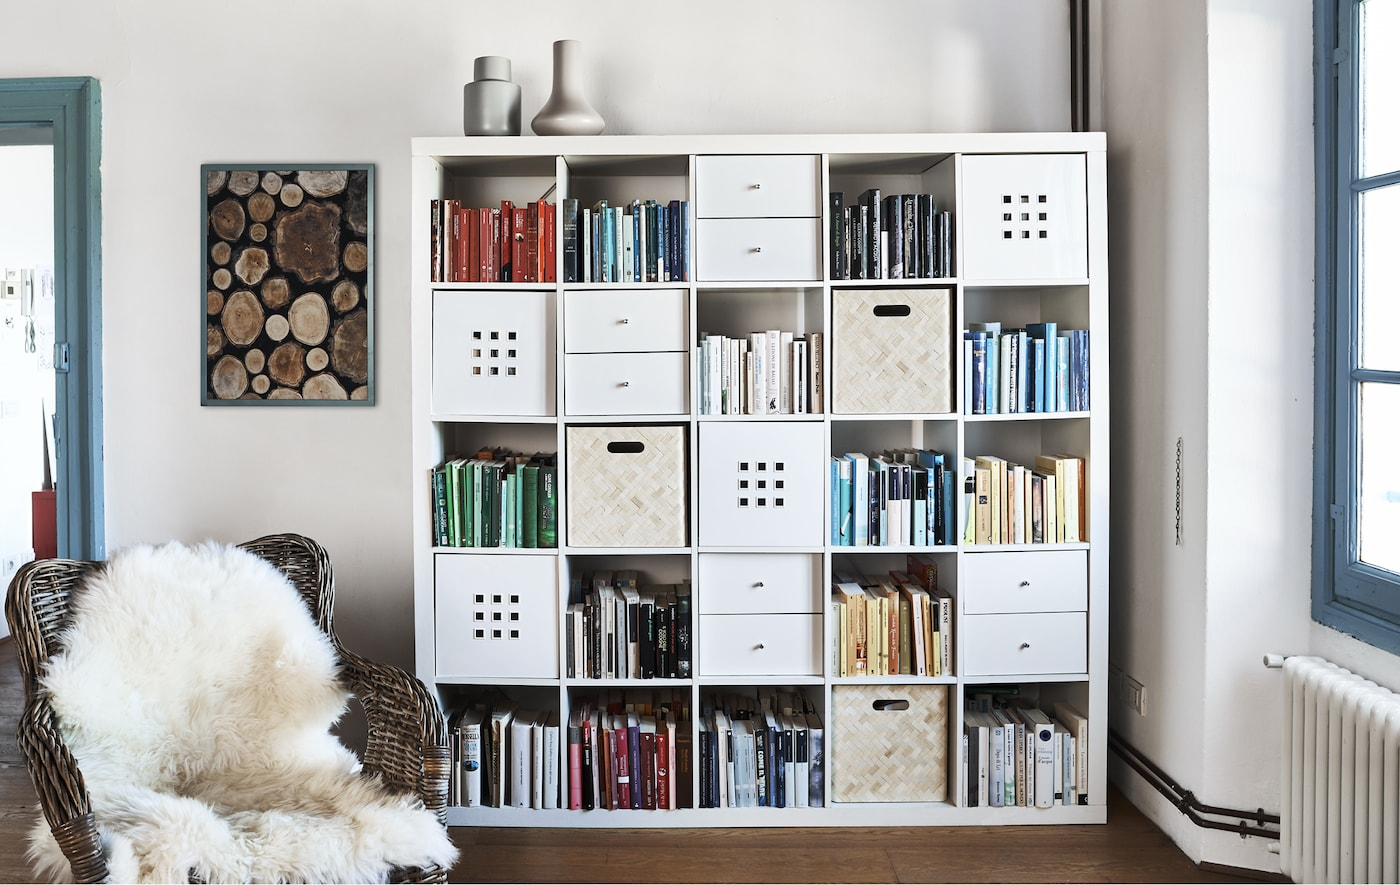 Книги и коробки в шкафу, словно составленном из кубиков.